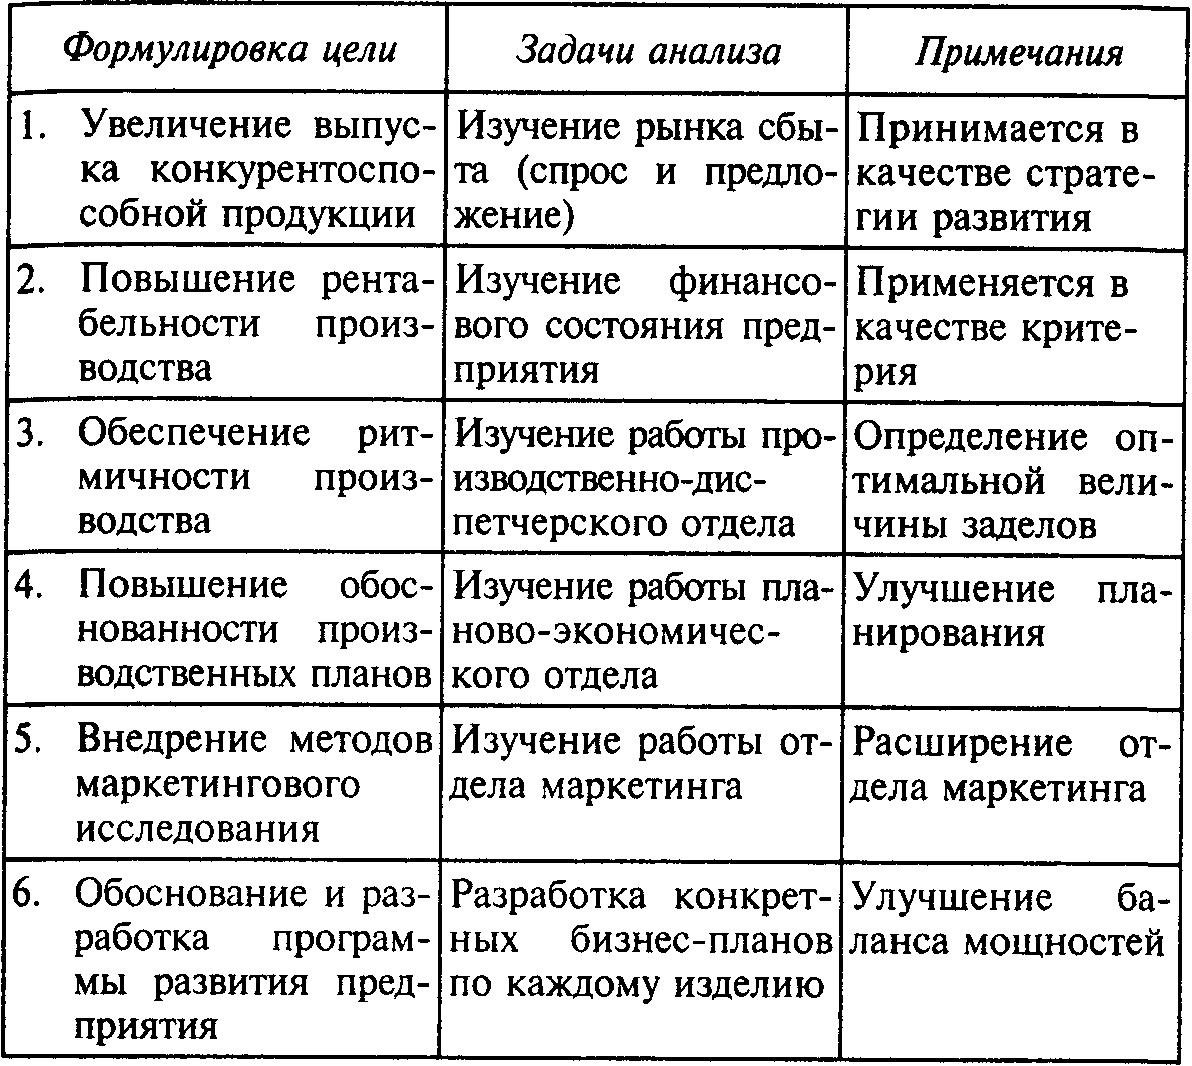 Гречихин Лекции По Методике И Технике Социологических Исследований.Rar